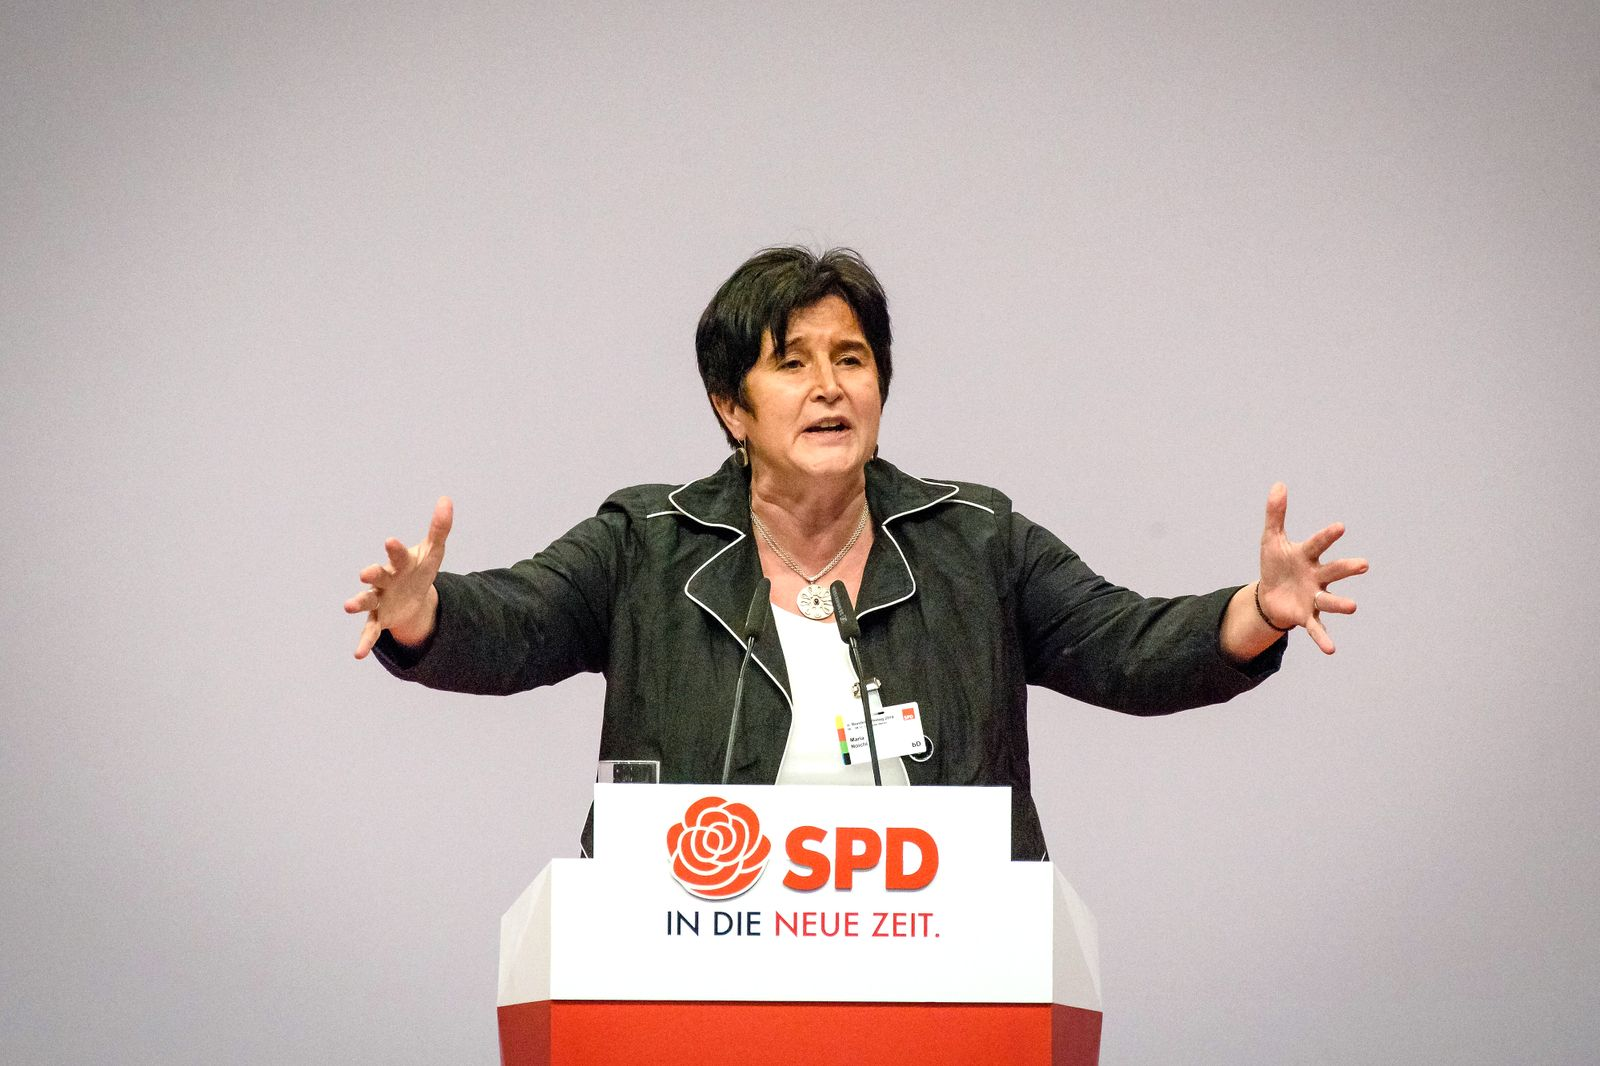 SPD Bundesparteitag in Berlin Deutschland, Berlin - 08.12.2019: Im Bild ist Maria Noichl (spd) zu sehen. Berlin Berlin